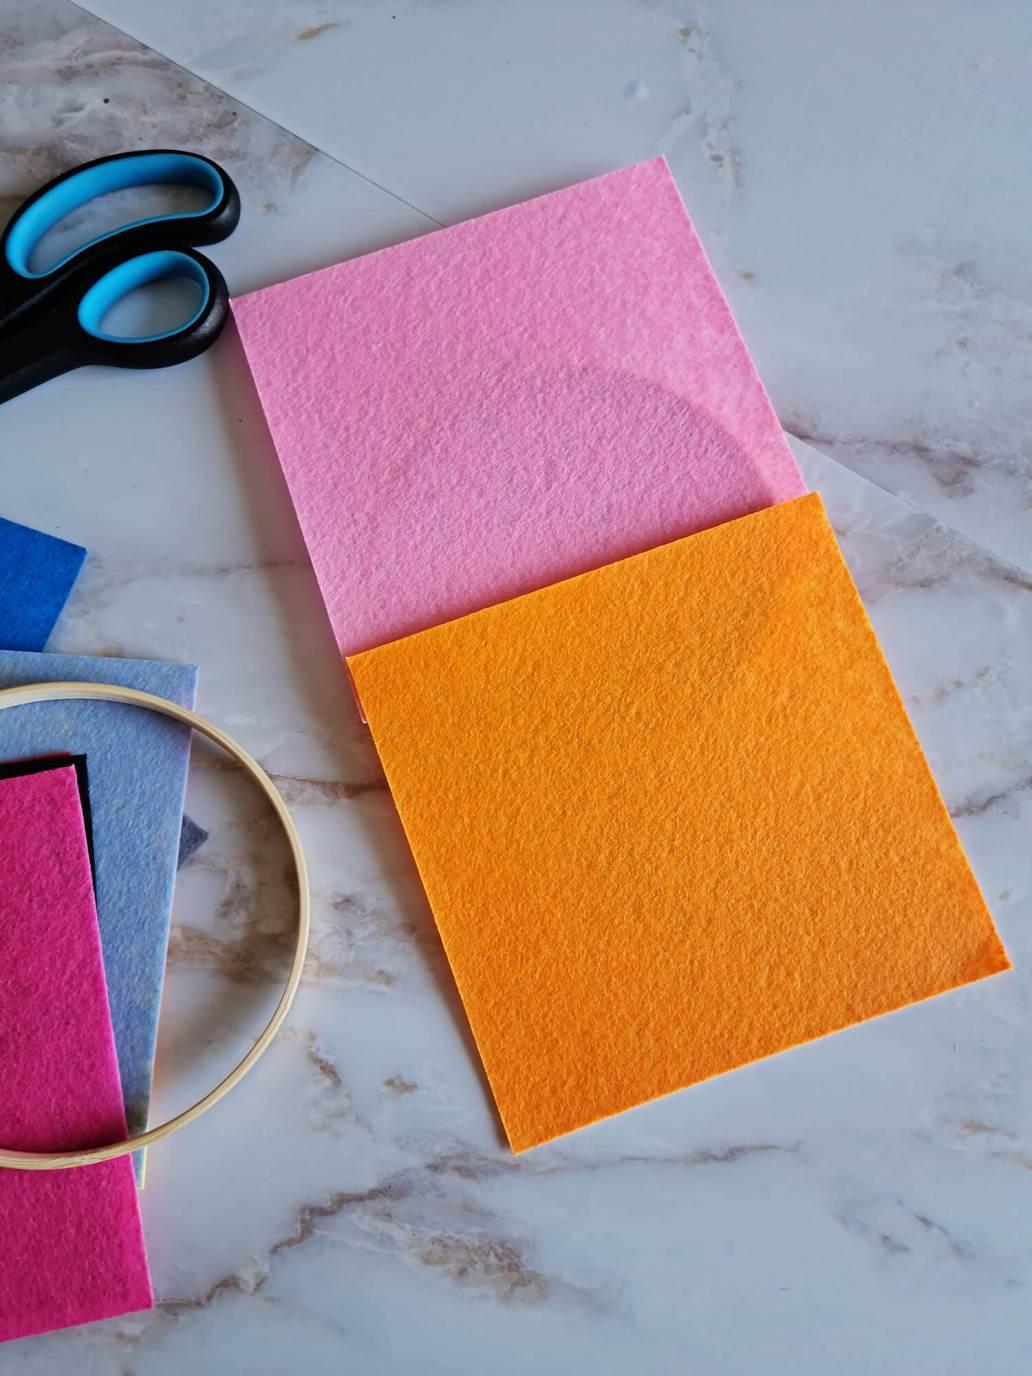 20210402 133331 - Fabriquer une petite décoration en feutre pour orner les murs de couleurs